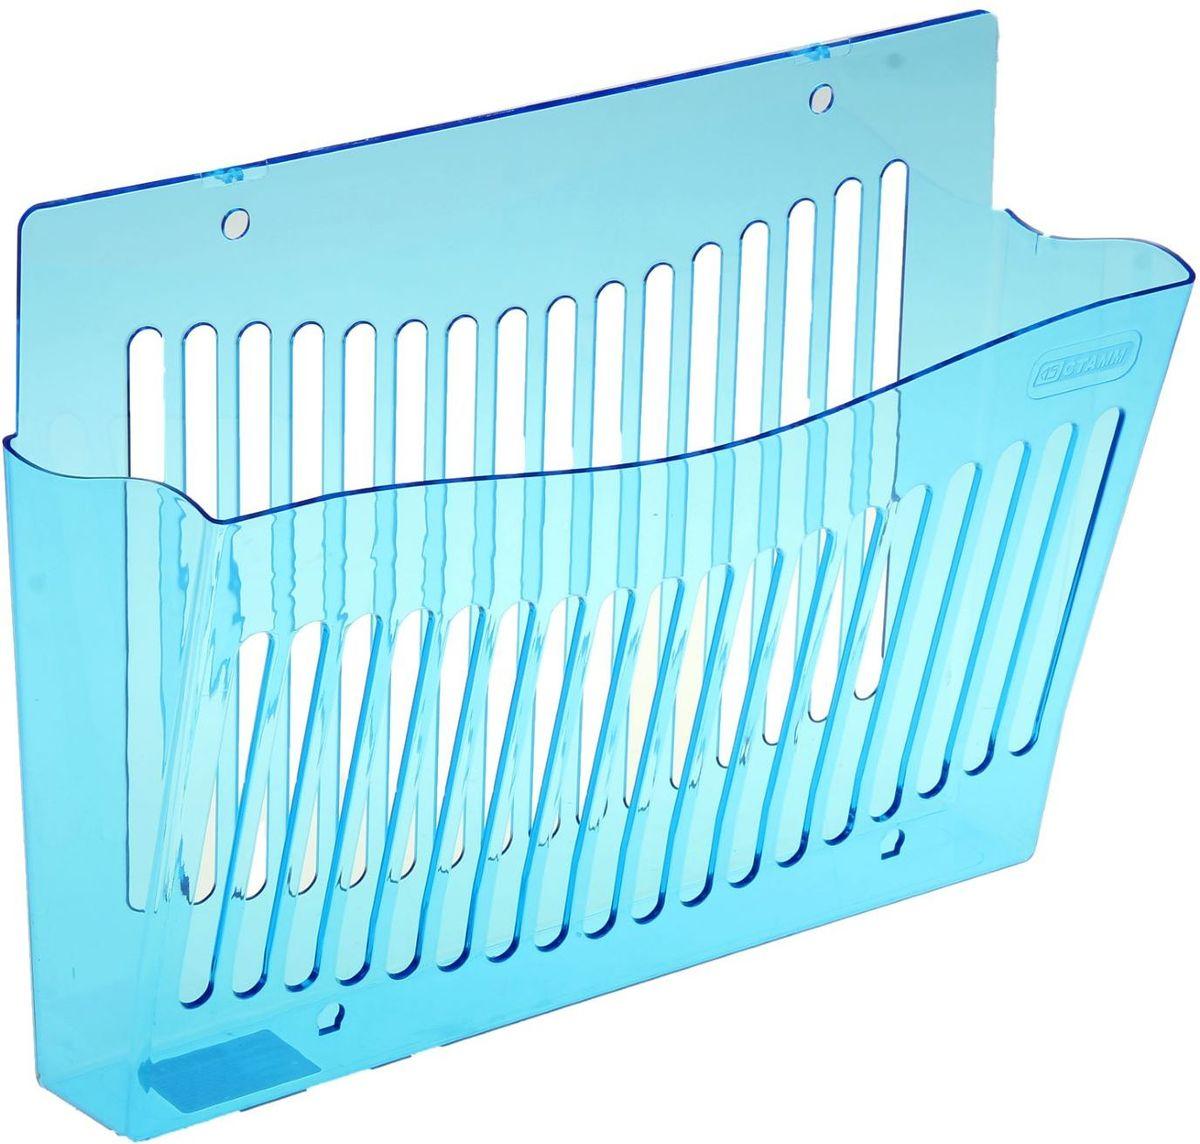 Стамм Лоток для бумаг настенный Indigo цвет синий1147656Лоток для бумаг Стамм Indigo выполнен в современном элегантном дизайне из высококачественного прочного пластика. Имеет одно вместительное отделение для листов формата А4. Благодаря специальным вырубкам, лоток можно закрепить на стене. С лотком для бумаг Стамм Indigo на вашем рабочем столе всегда будет царить порядок, а важные бумаги будут под рукой и не потеряются.